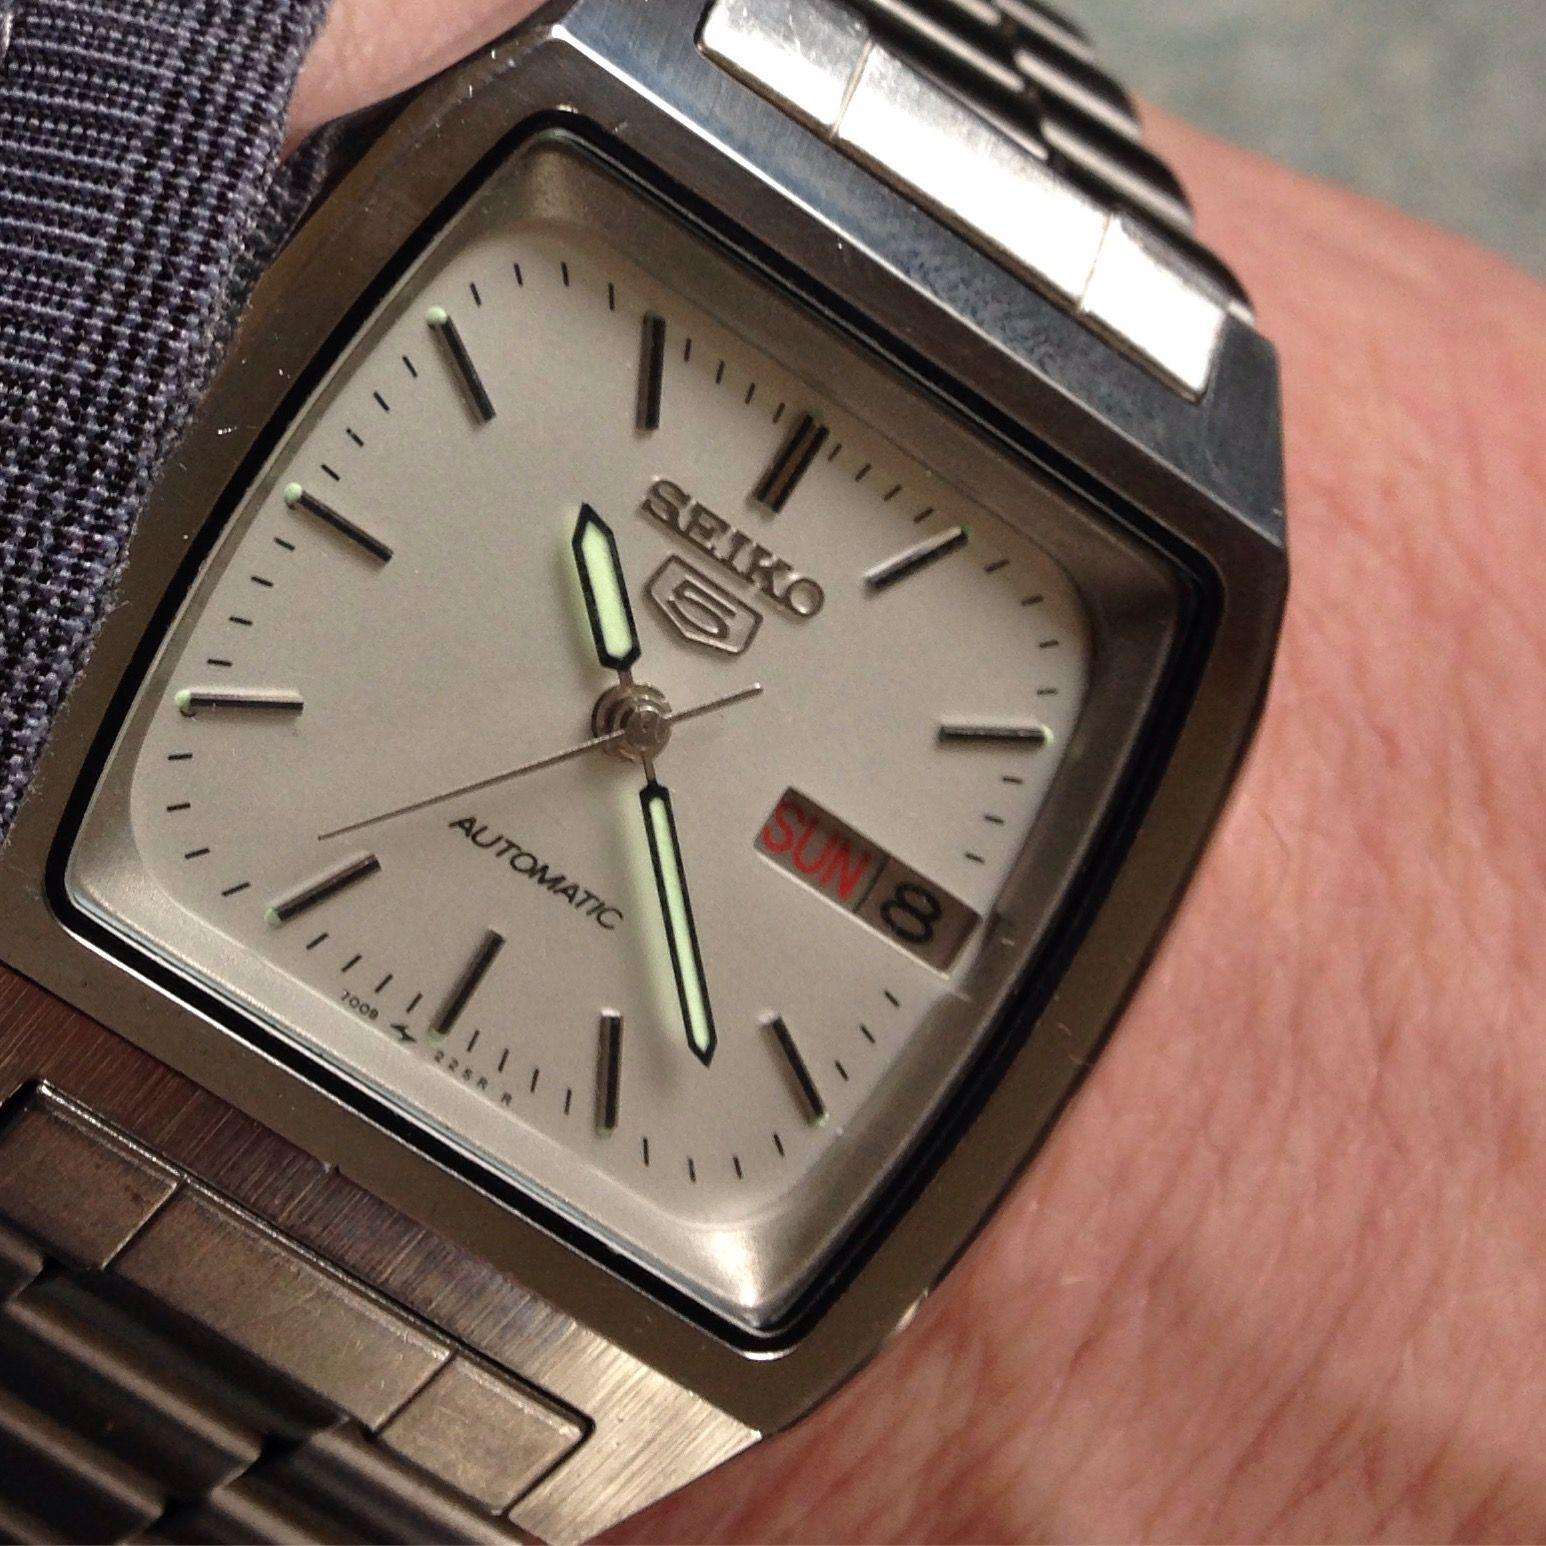 Vintage Seiko 5 Automatic Stylish Watches Men Cool Watches Stylish Watches